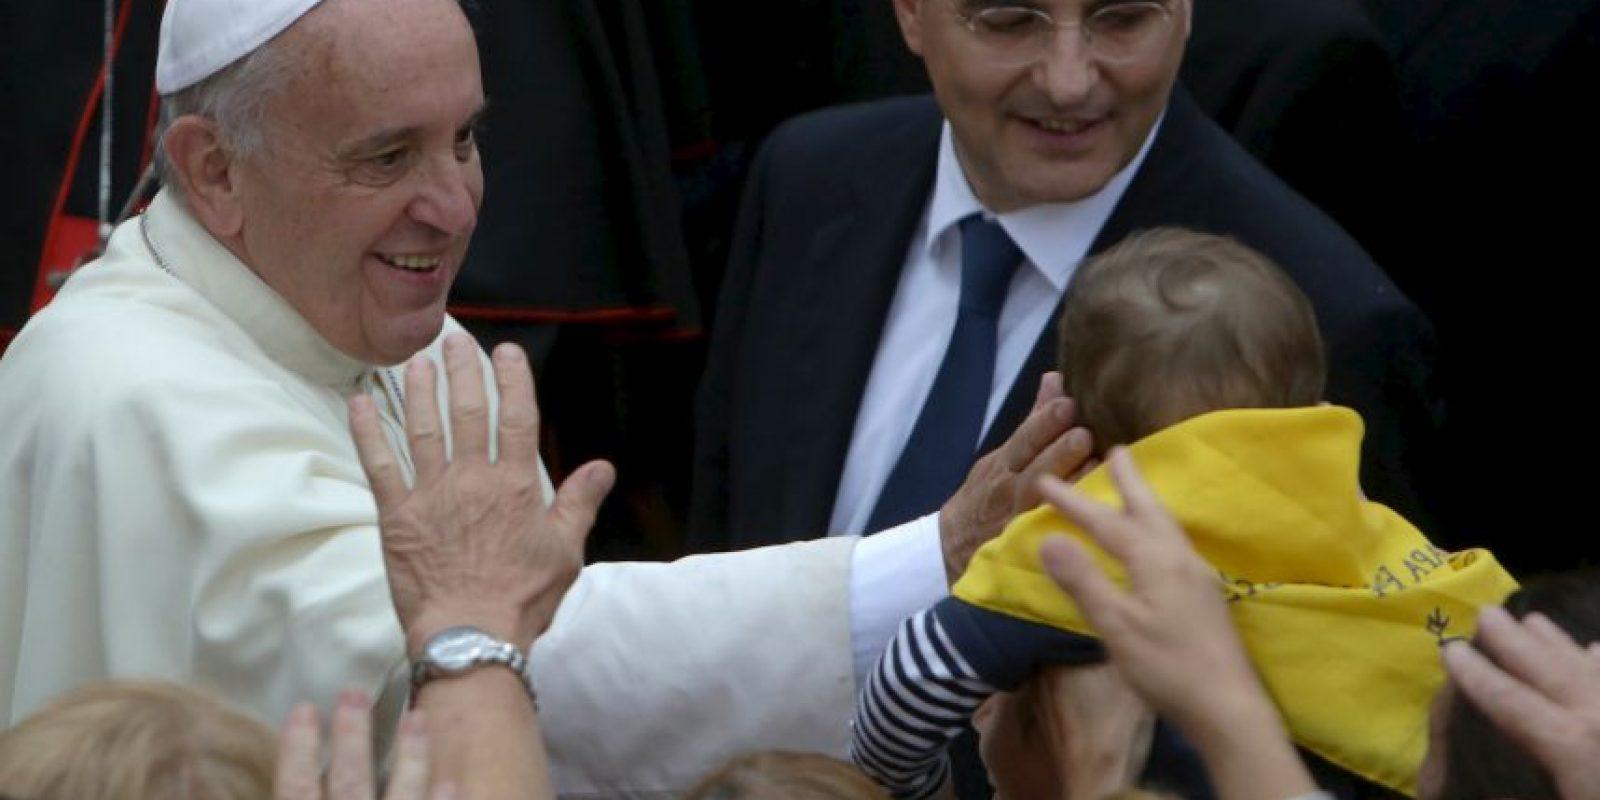 Luego de su visita a Cuba el papa Francisco irá a Estados Unidos. Foto:Getty Images